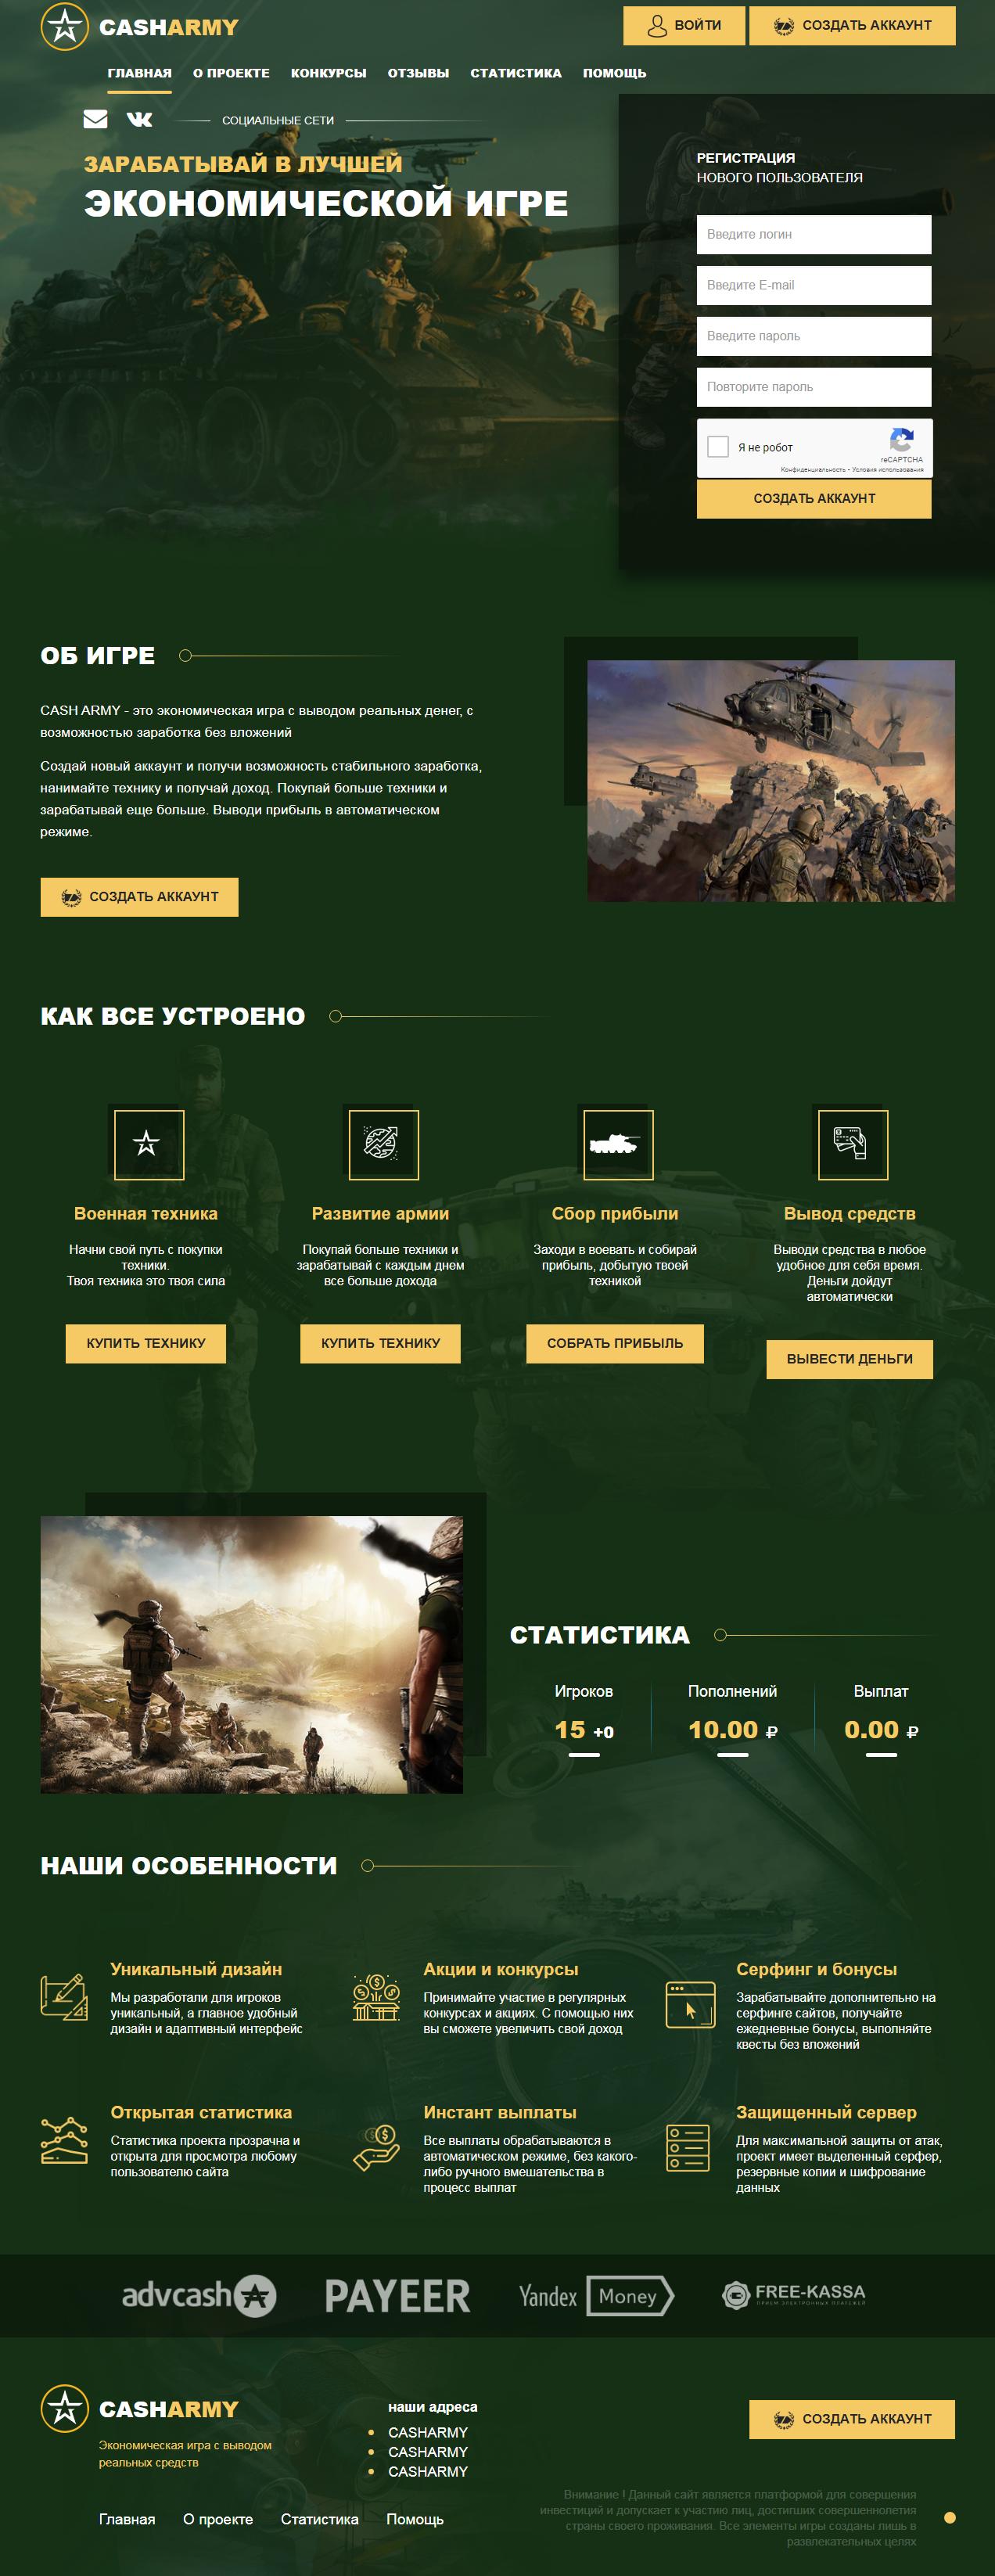 CASH ARMYскрипт инвест игры